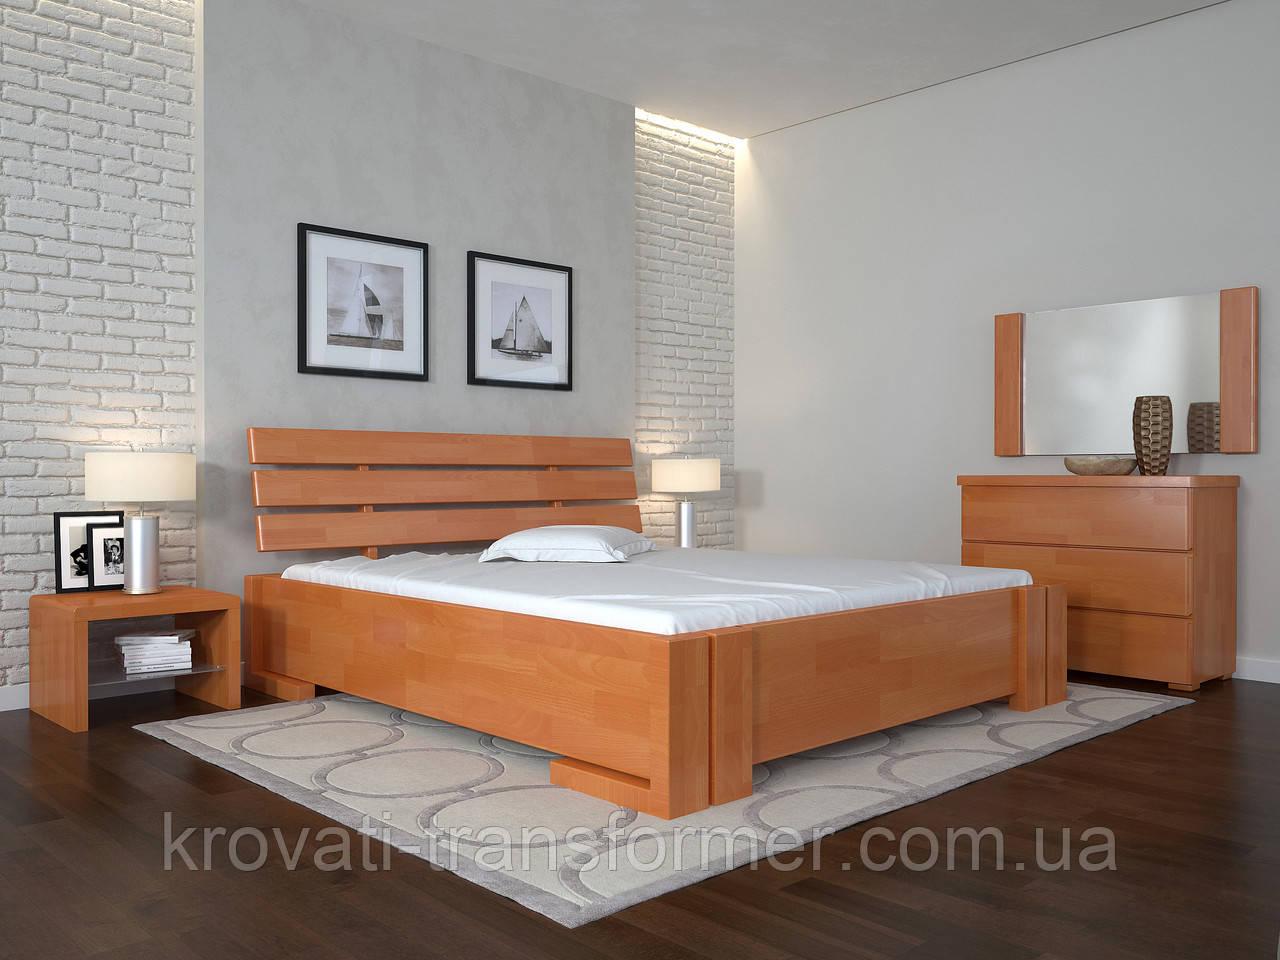 Кровать Arbordrev Домино без ПМ (160*200) сосна